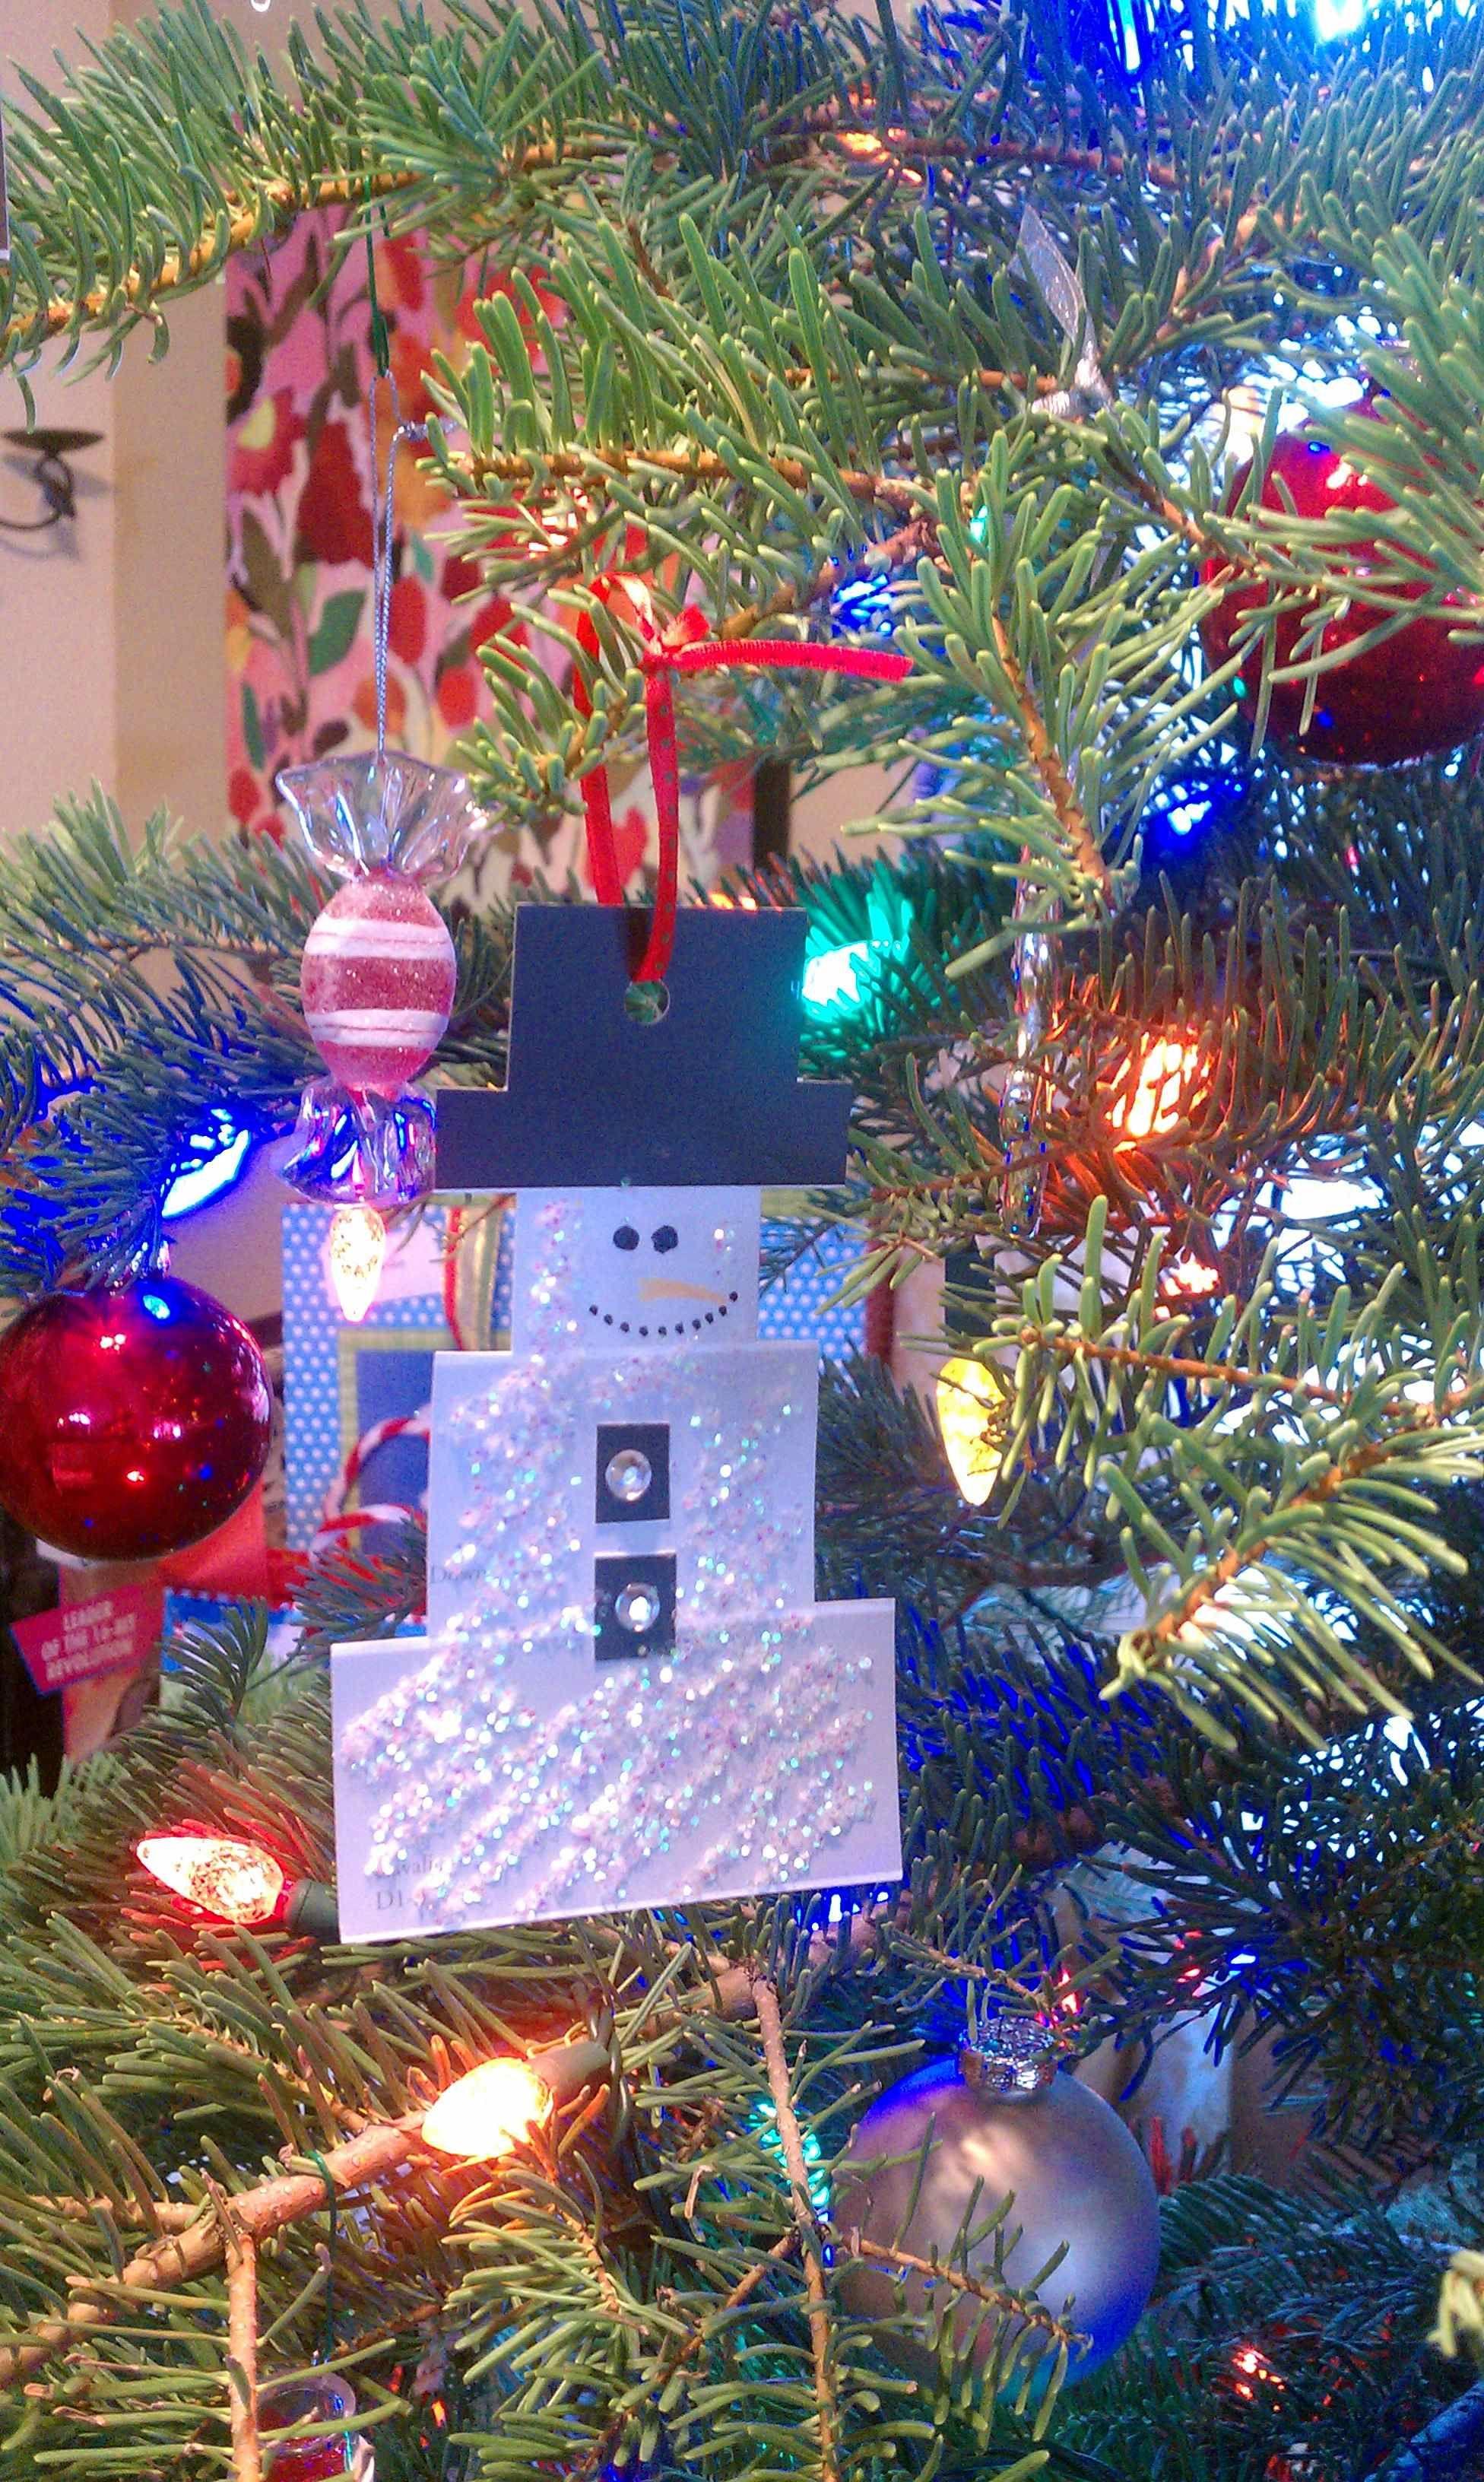 Christmas Snowman paint chip craft ornament Paint chip